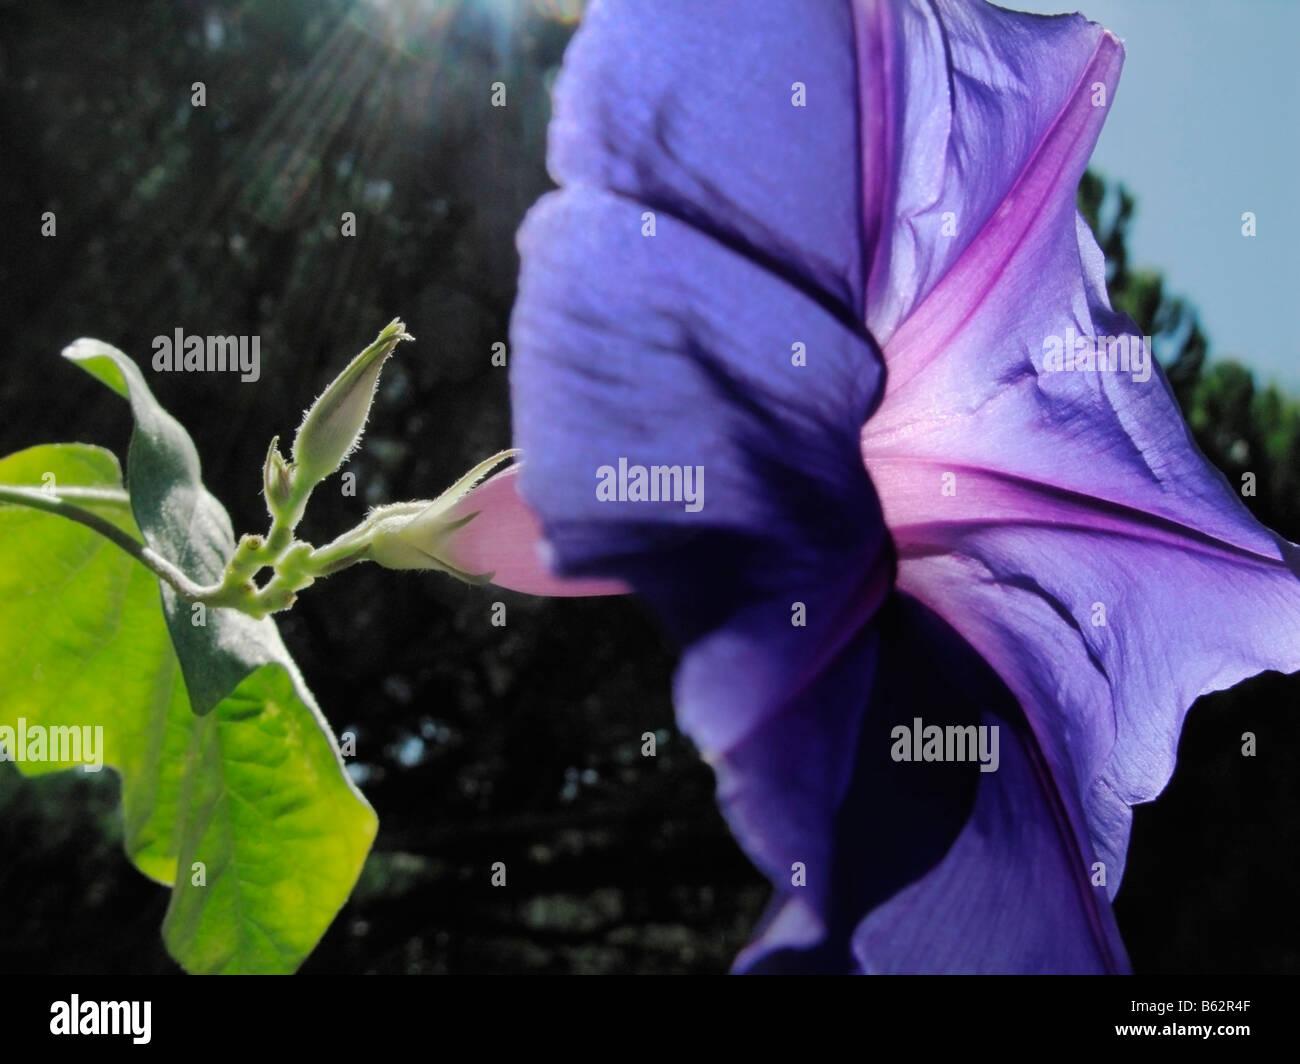 Una gloria di mattina fiore ( convolvulus, ipomoea ) con sole rendendo il look traslucido. Immagini Stock